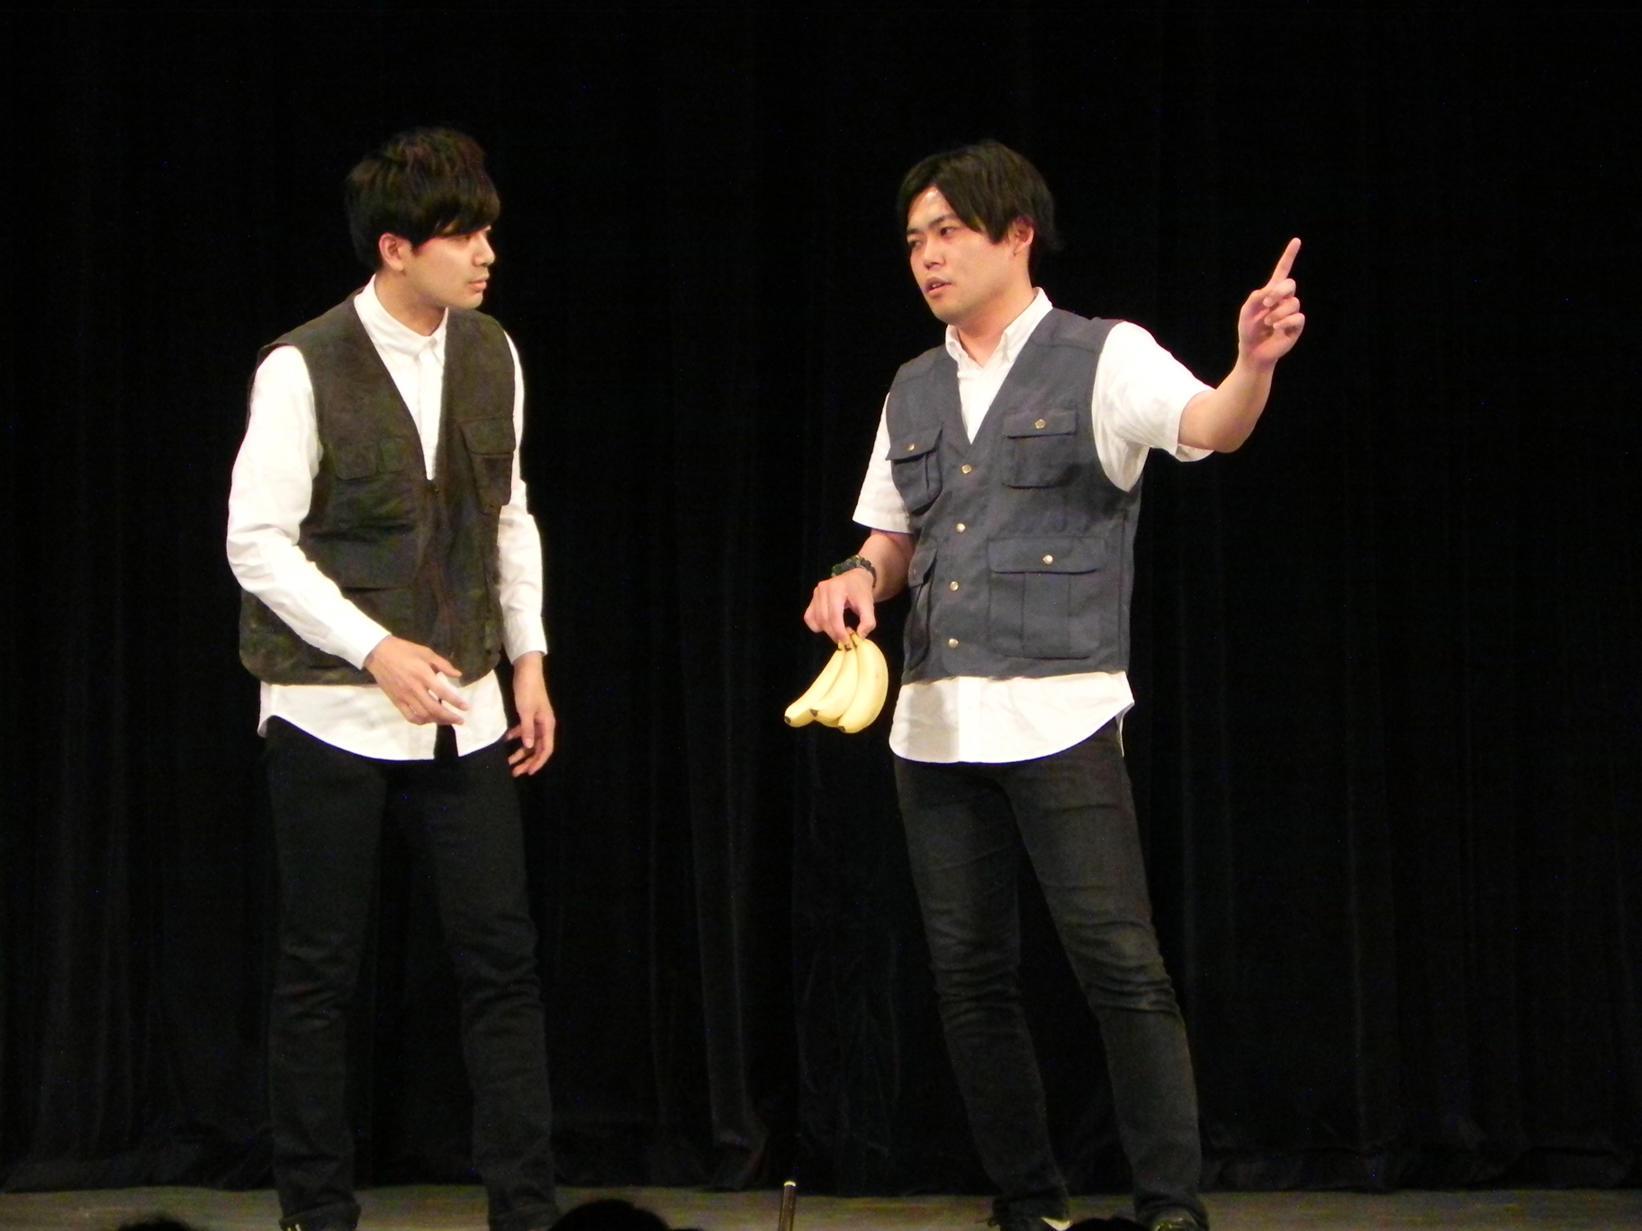 http://news.yoshimoto.co.jp/20160531113446-0b8028a280dc6f84dd1ea5f93ea9fa4697874179.jpg